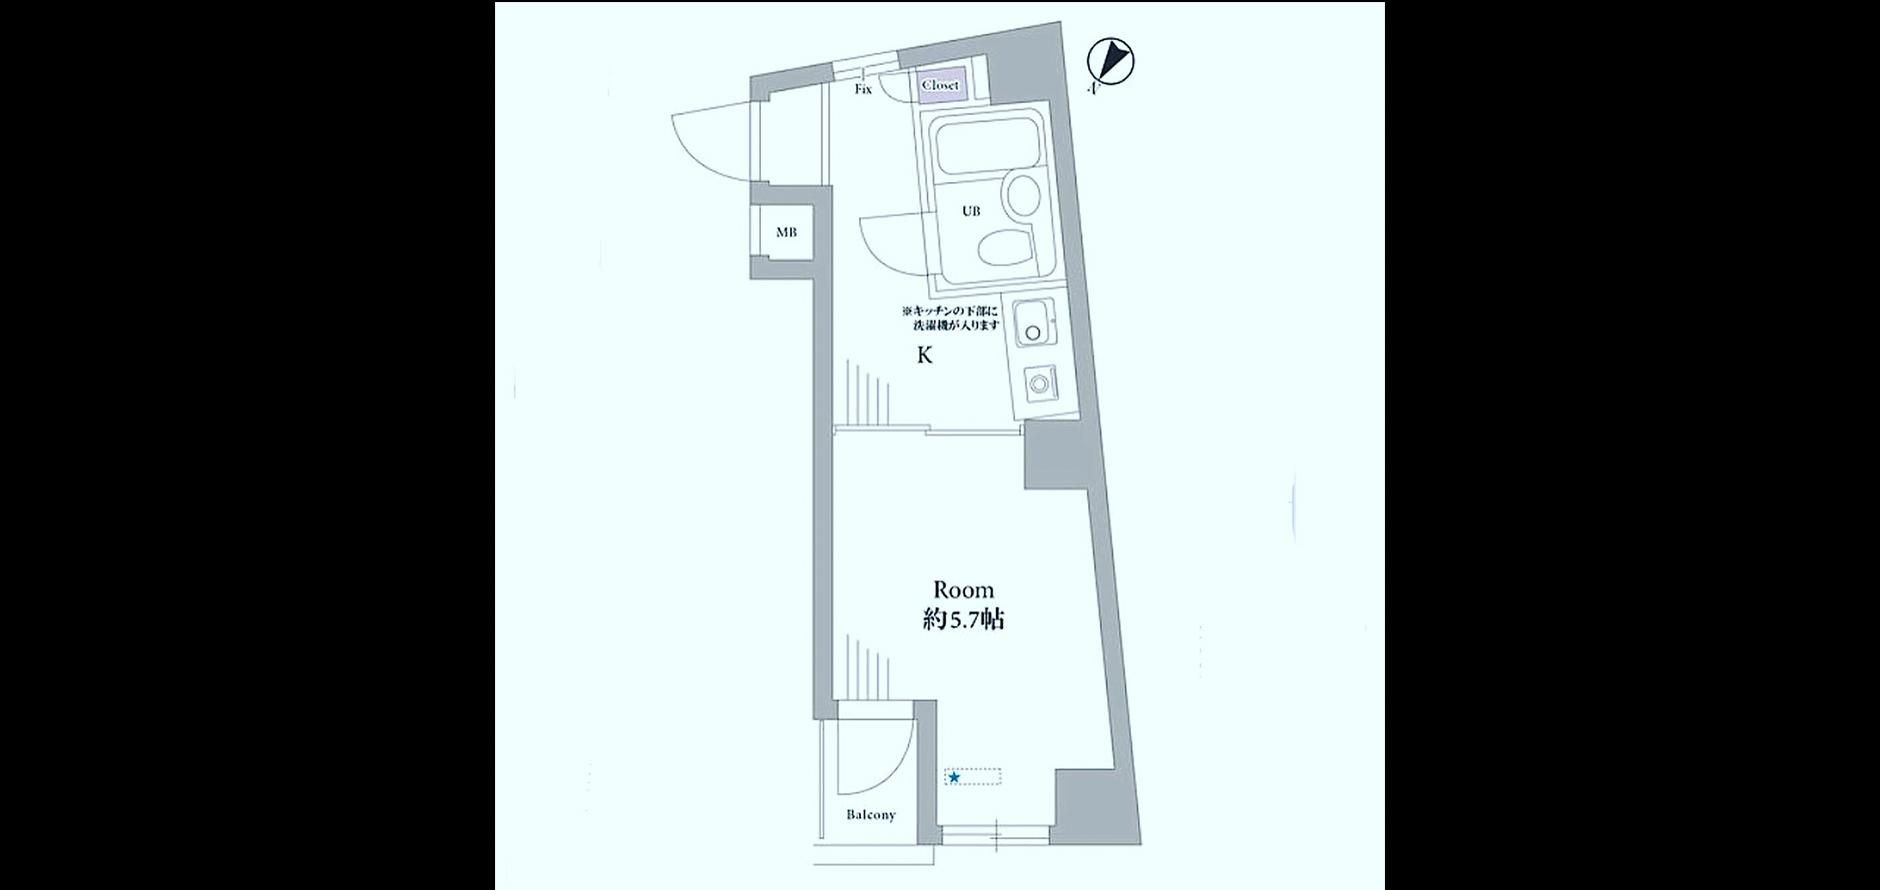 グリーンキャピタル西新宿 Floor Plan.jpg